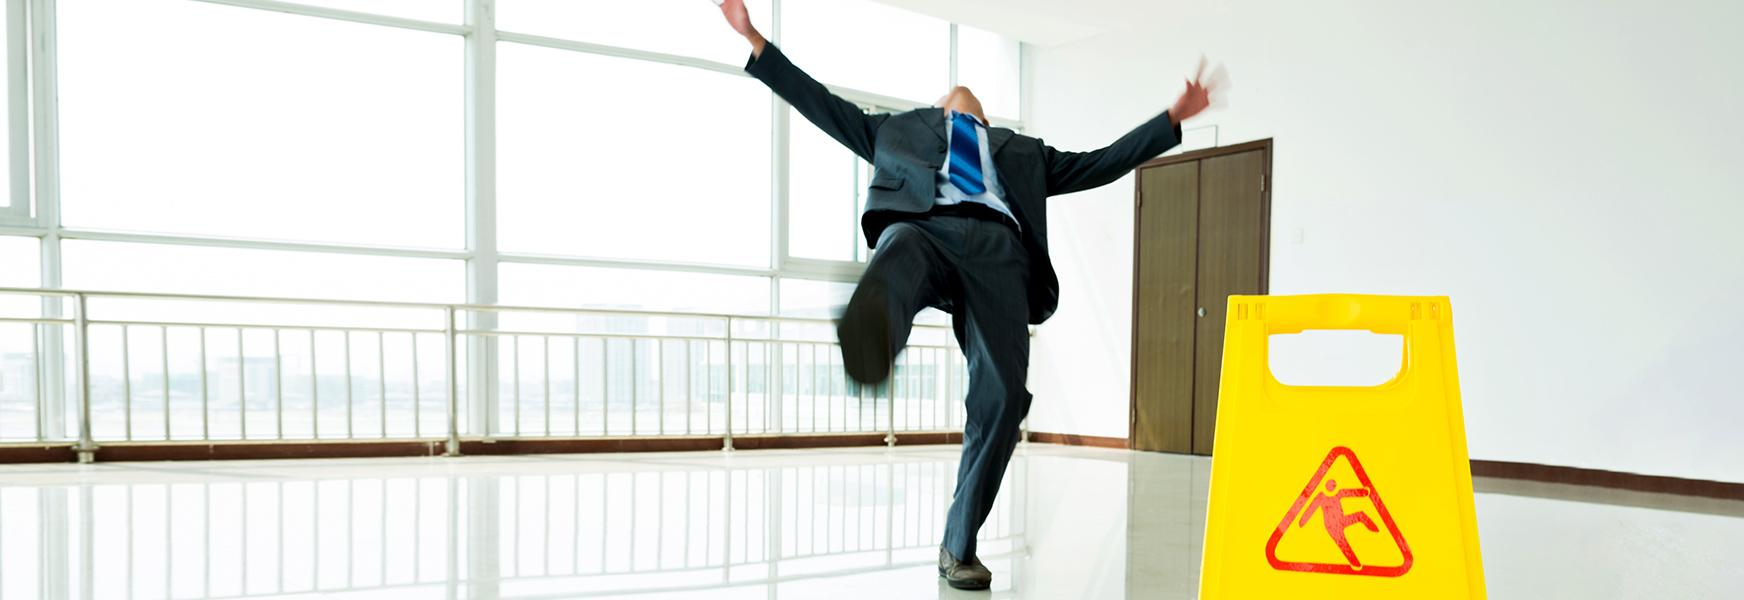 man slipping on floor